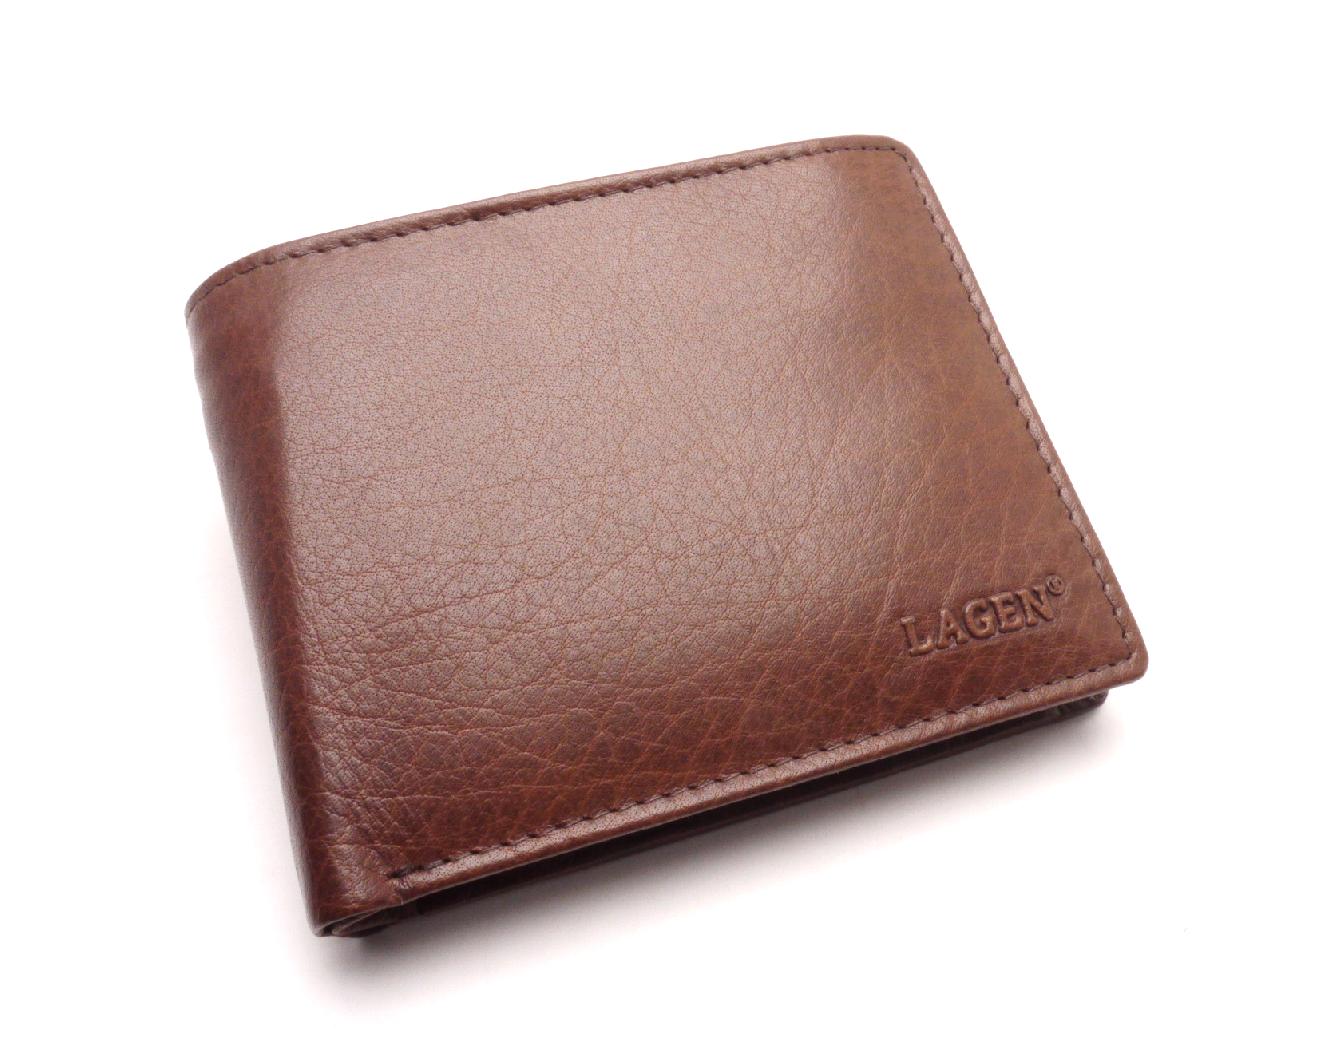 Lagen Pánská kožená peněženka W-8053 BROWN